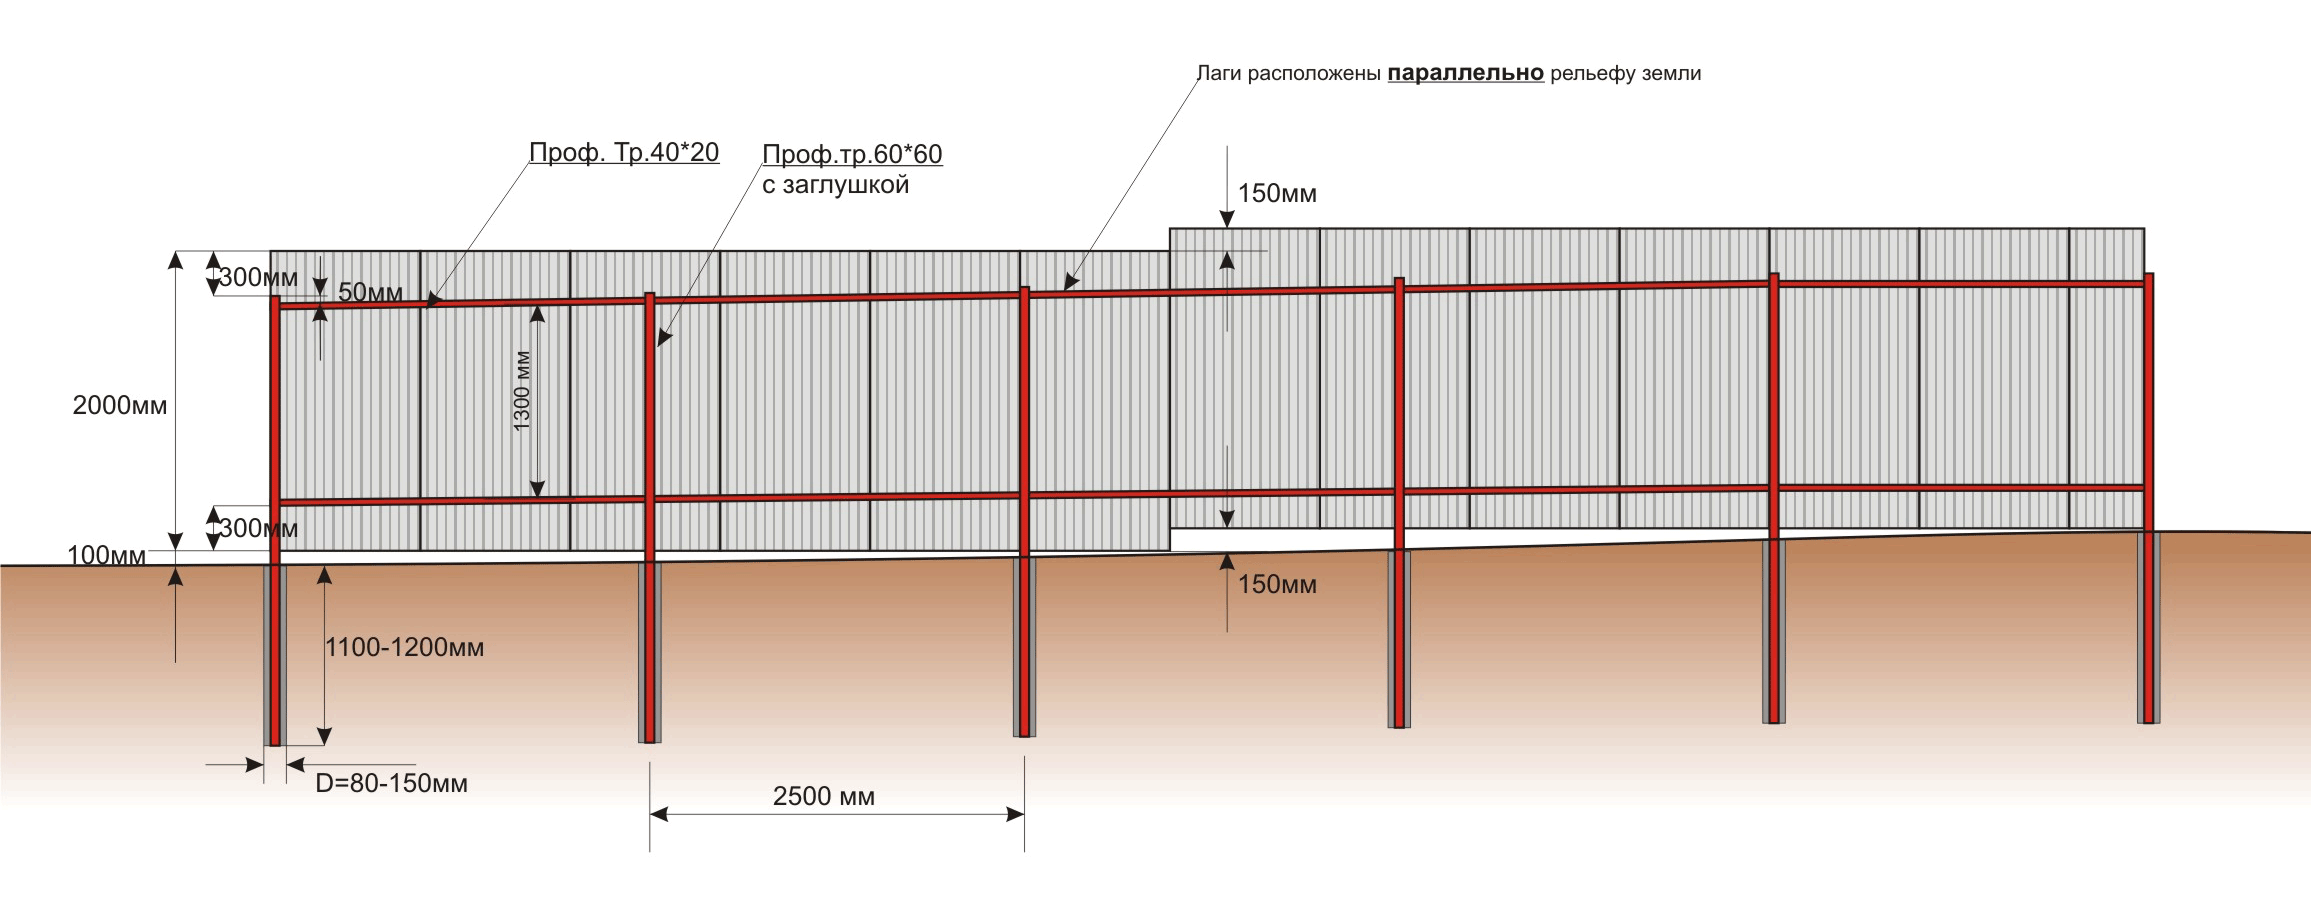 Монтаж забора из профнастила на участке с уклоном